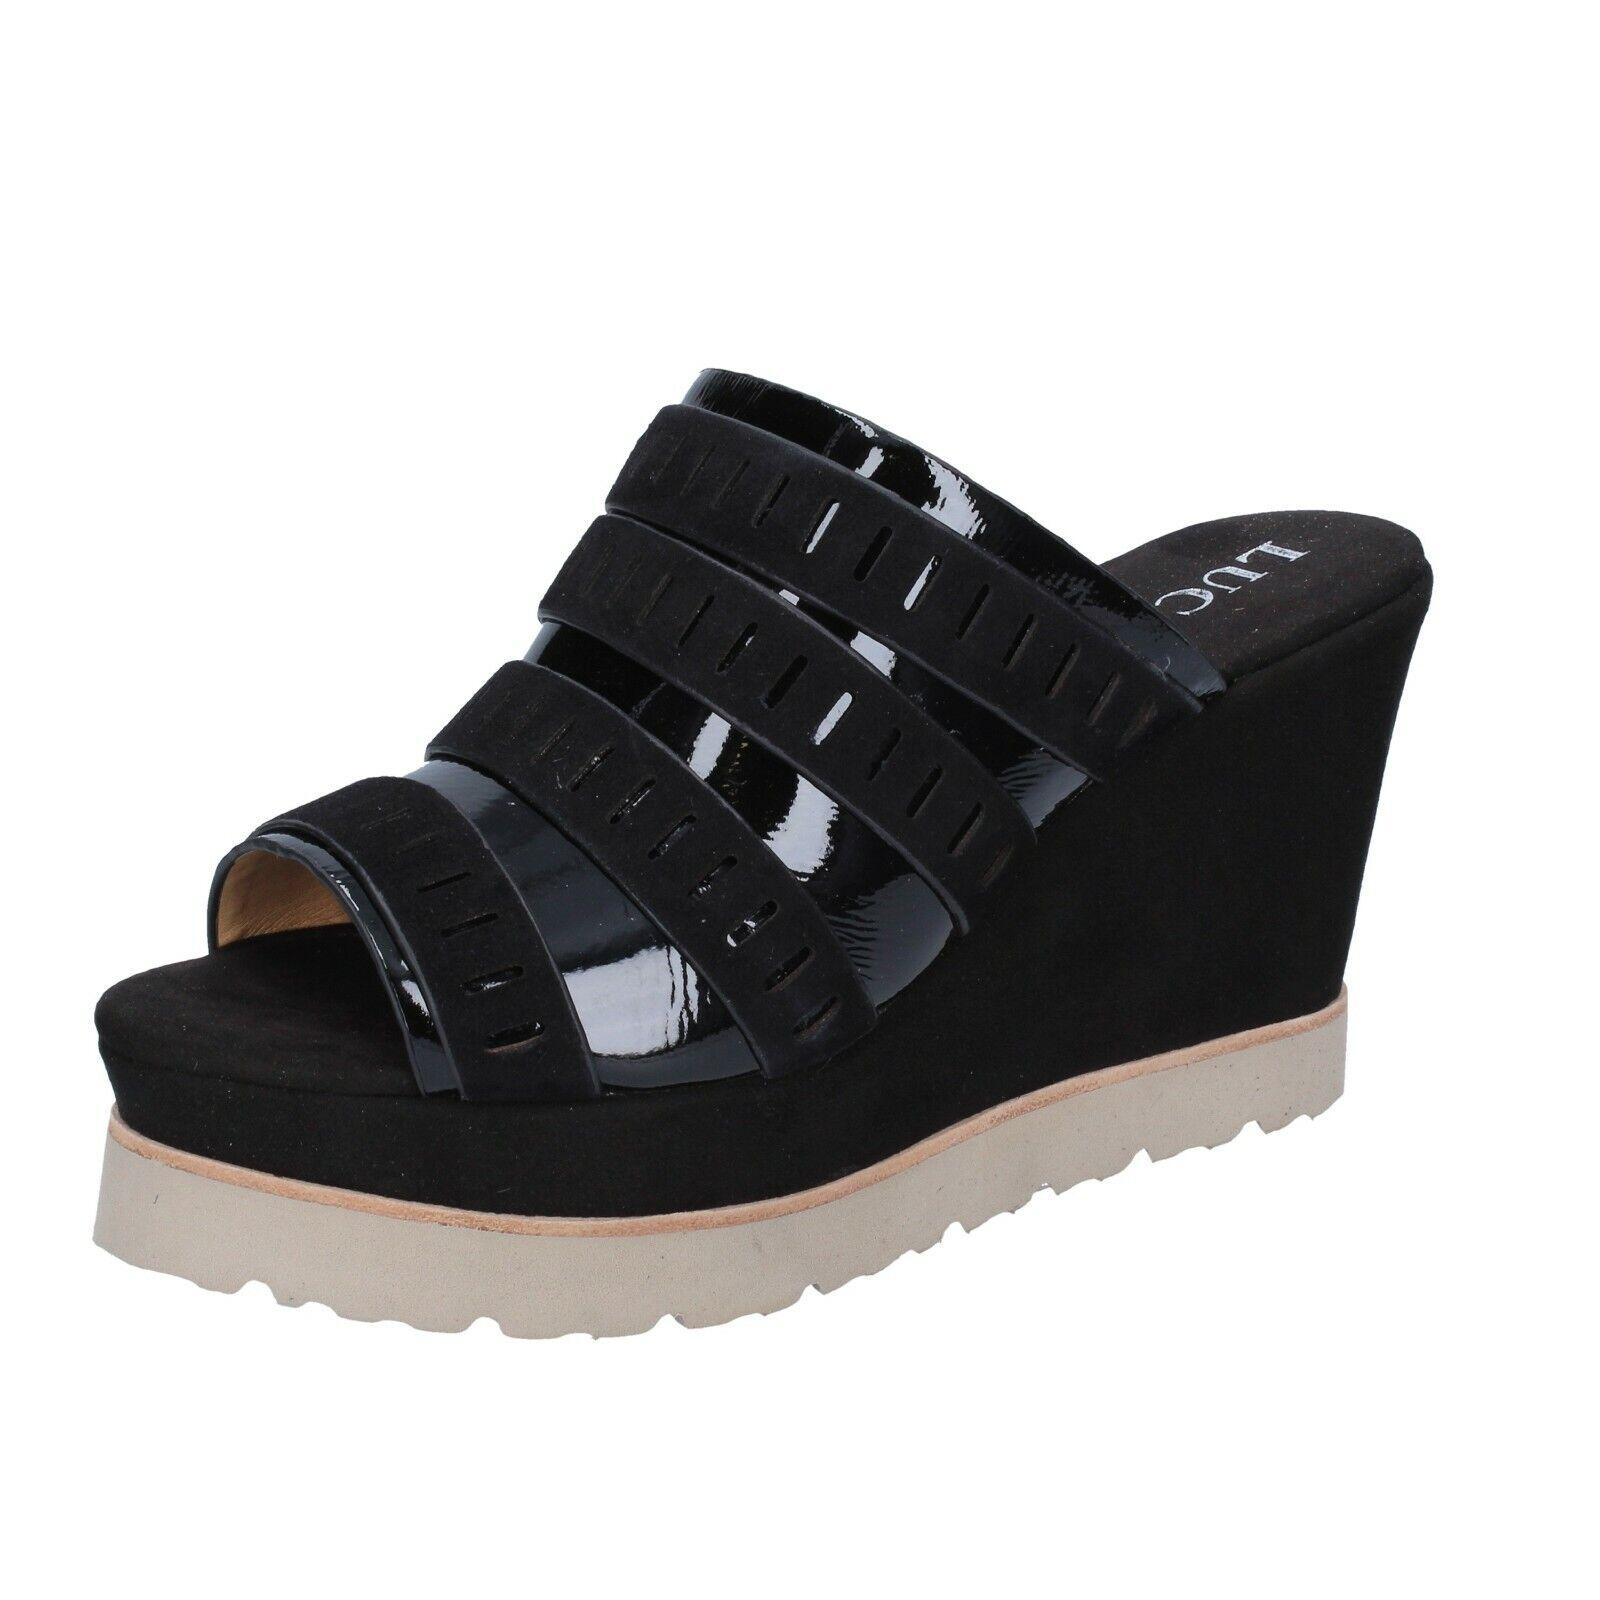 Scarpe donna Luca Stefani 4 (EU 37) Sandali neri in pelle scamosciata cuoio BR84-37